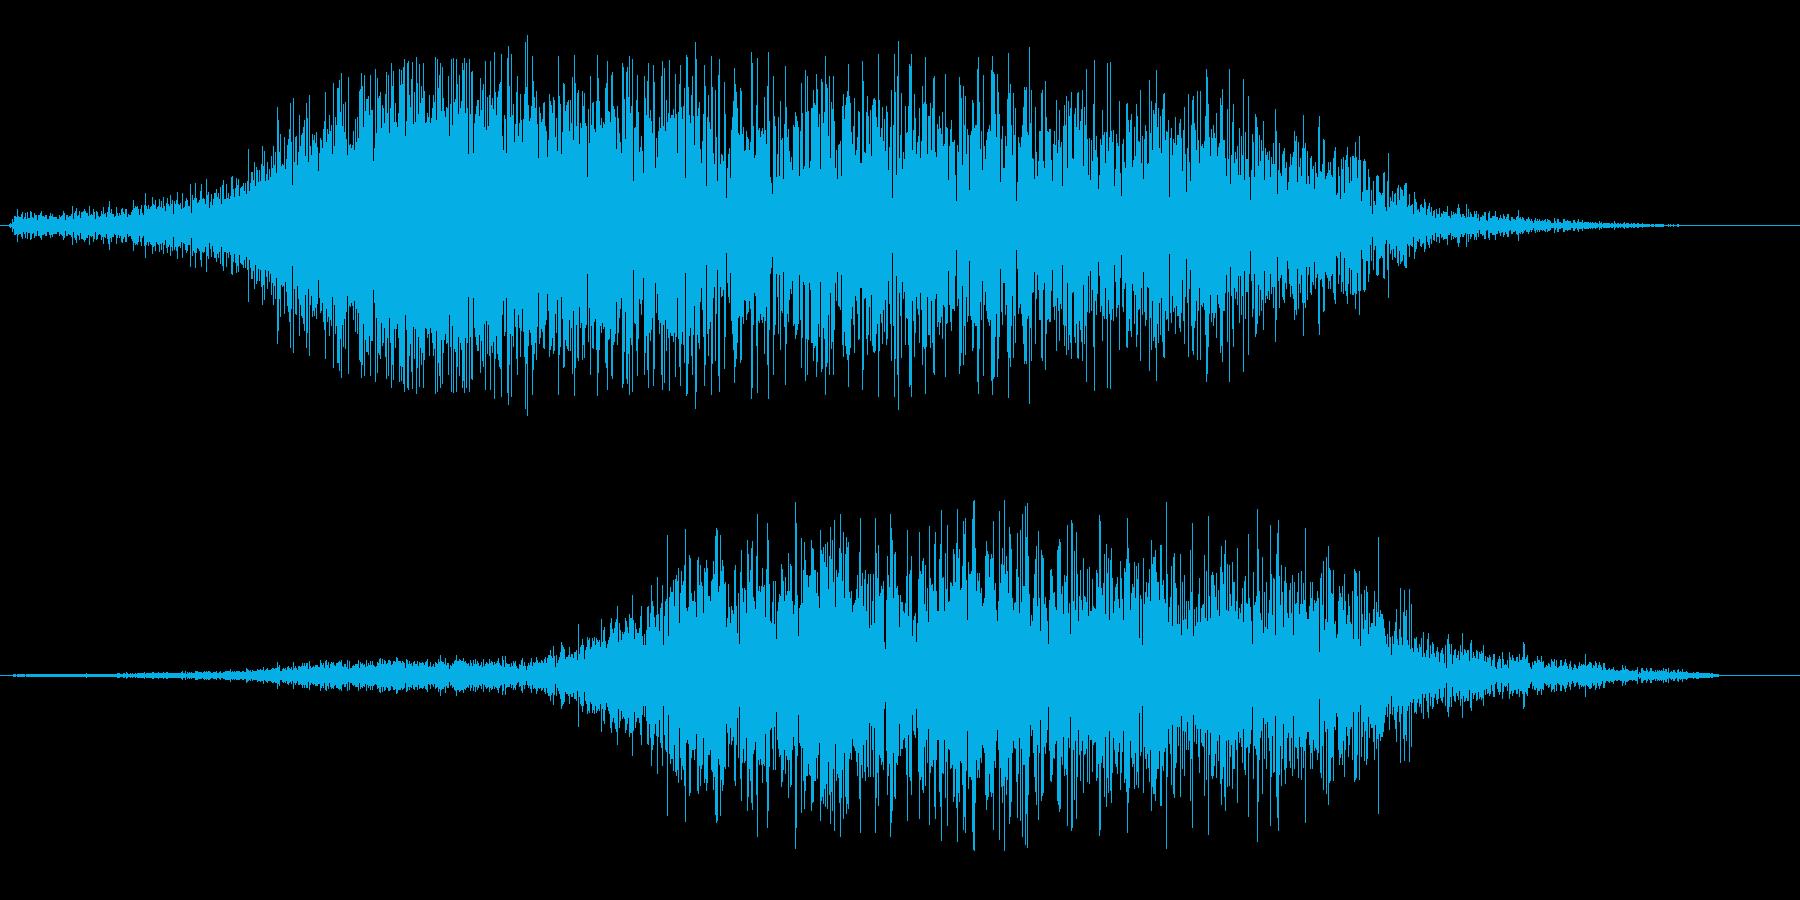 ブワーンとしたタイトルアップ音の再生済みの波形